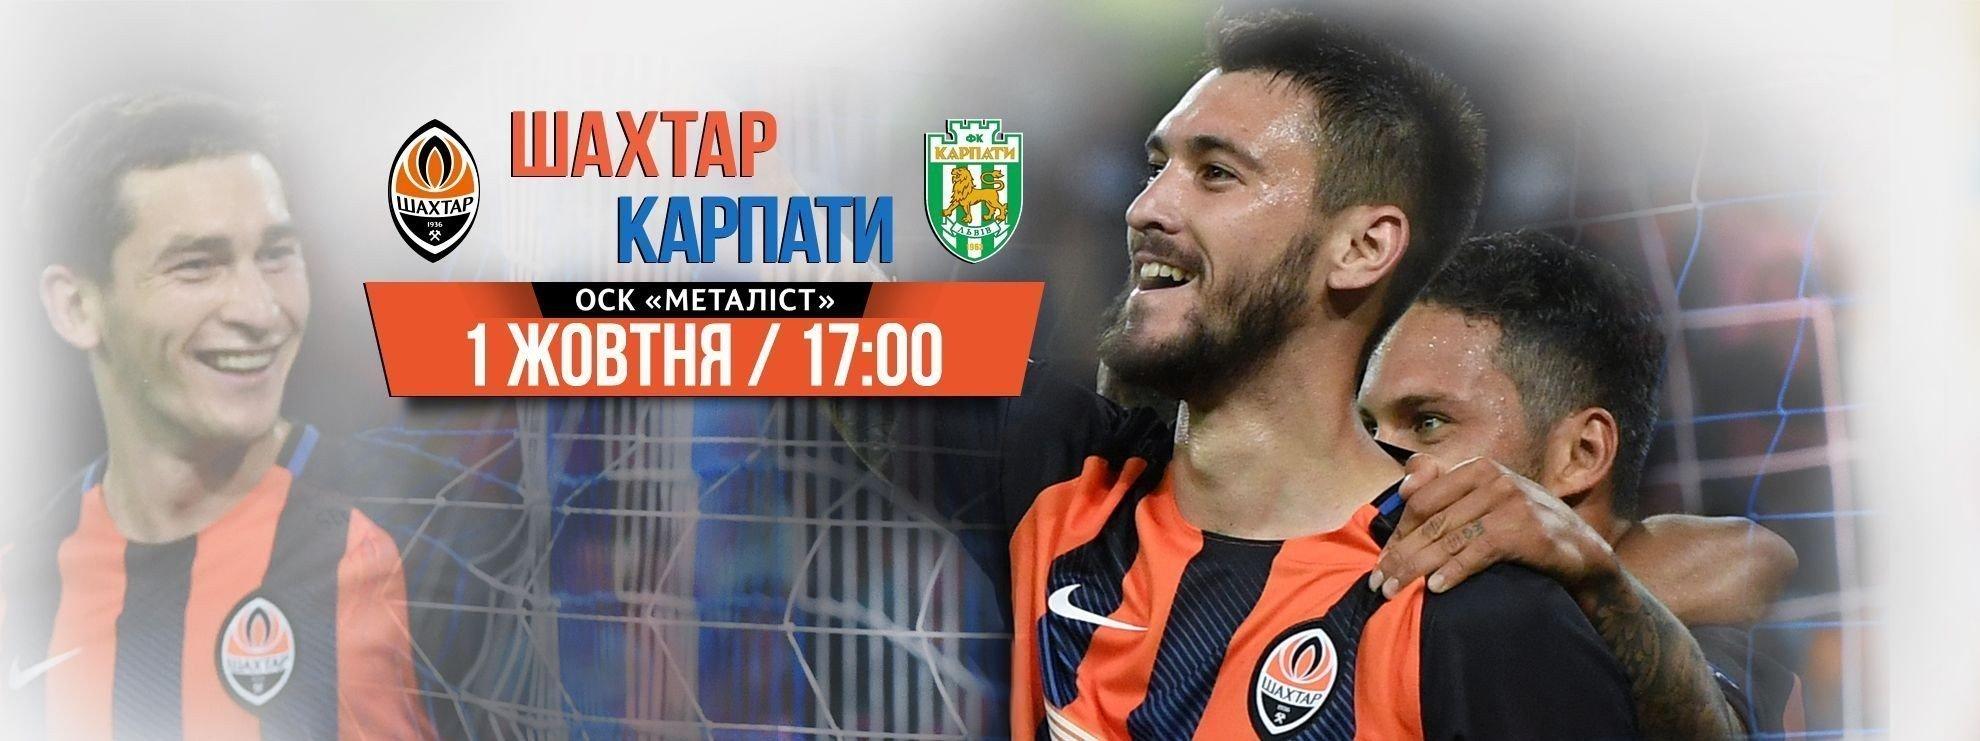 событие Шахтер — Карпаты, Чемпионат Украины